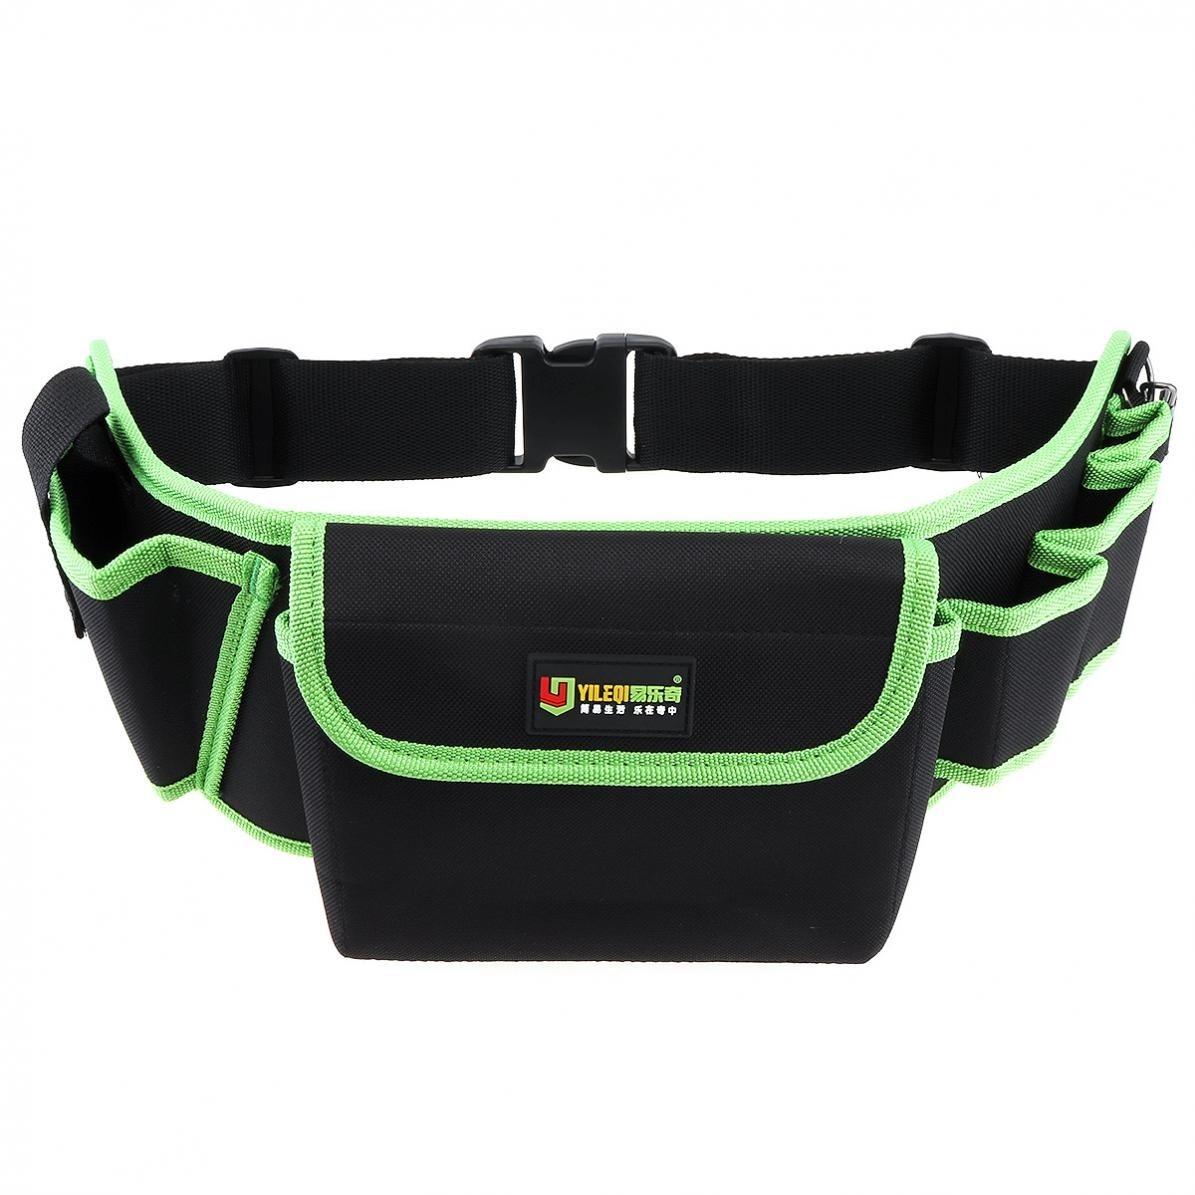 新品 ウエストツールバッグ 工具入れ 工具差し 腰袋 工具収納 多機能 道具袋 オックスフォード 防水 サイズ調整 4穴1ポケット DIY 黒 緑_画像3